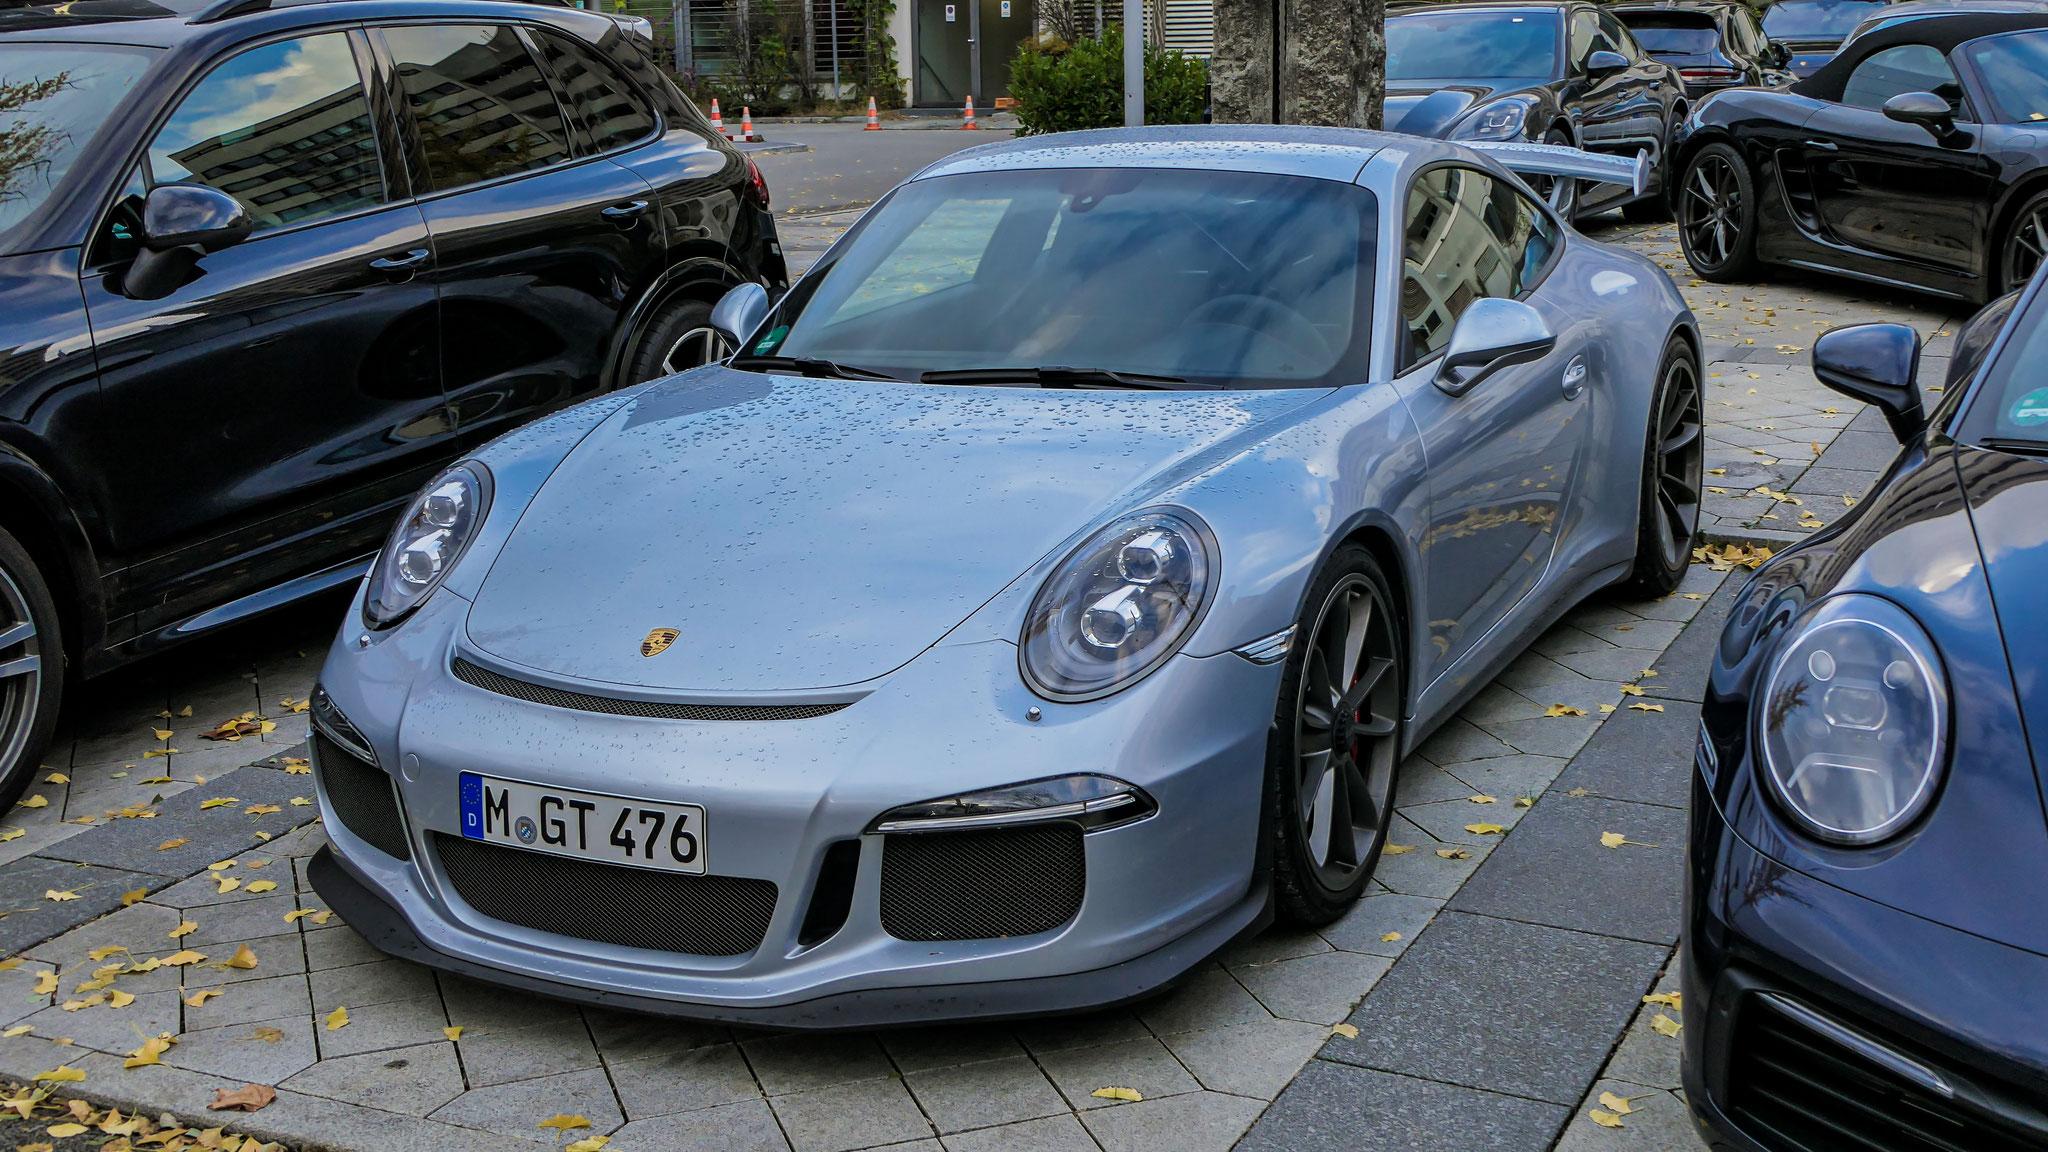 Porsche 991 GT3 - M-GT-476